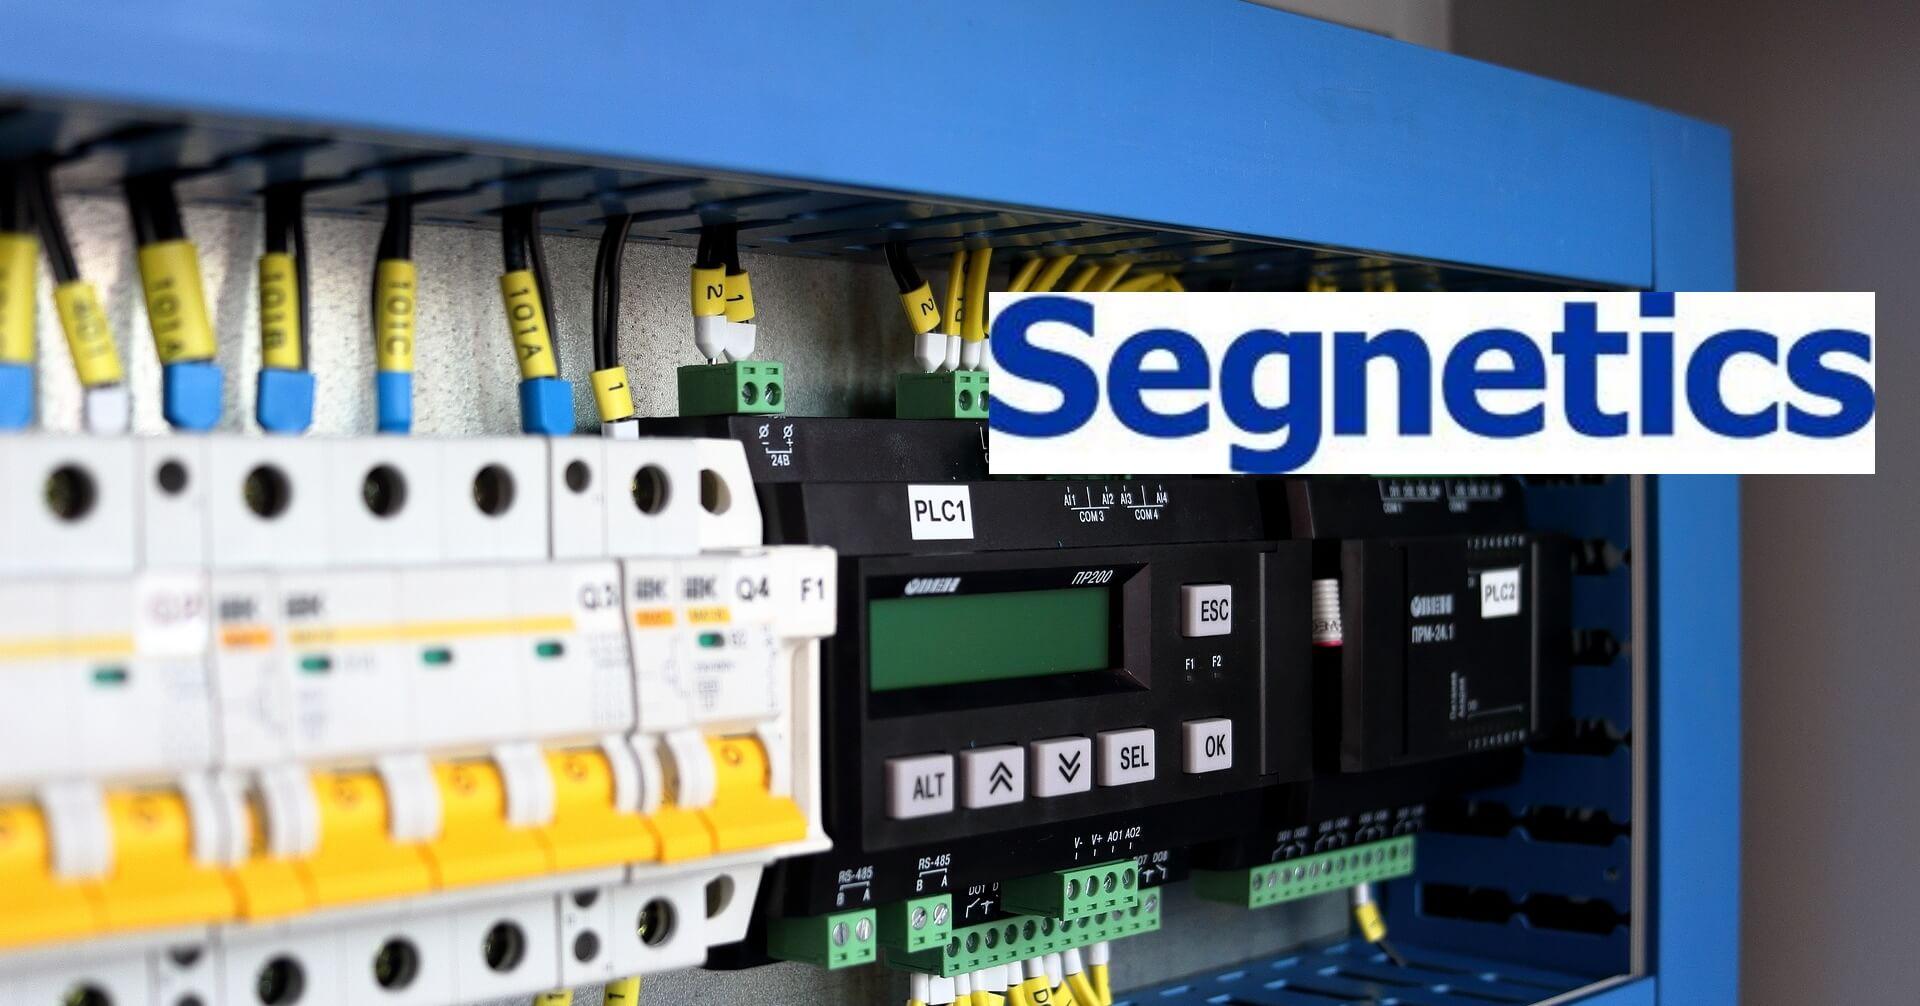 Контроллер Segnetics. О приборах и компании